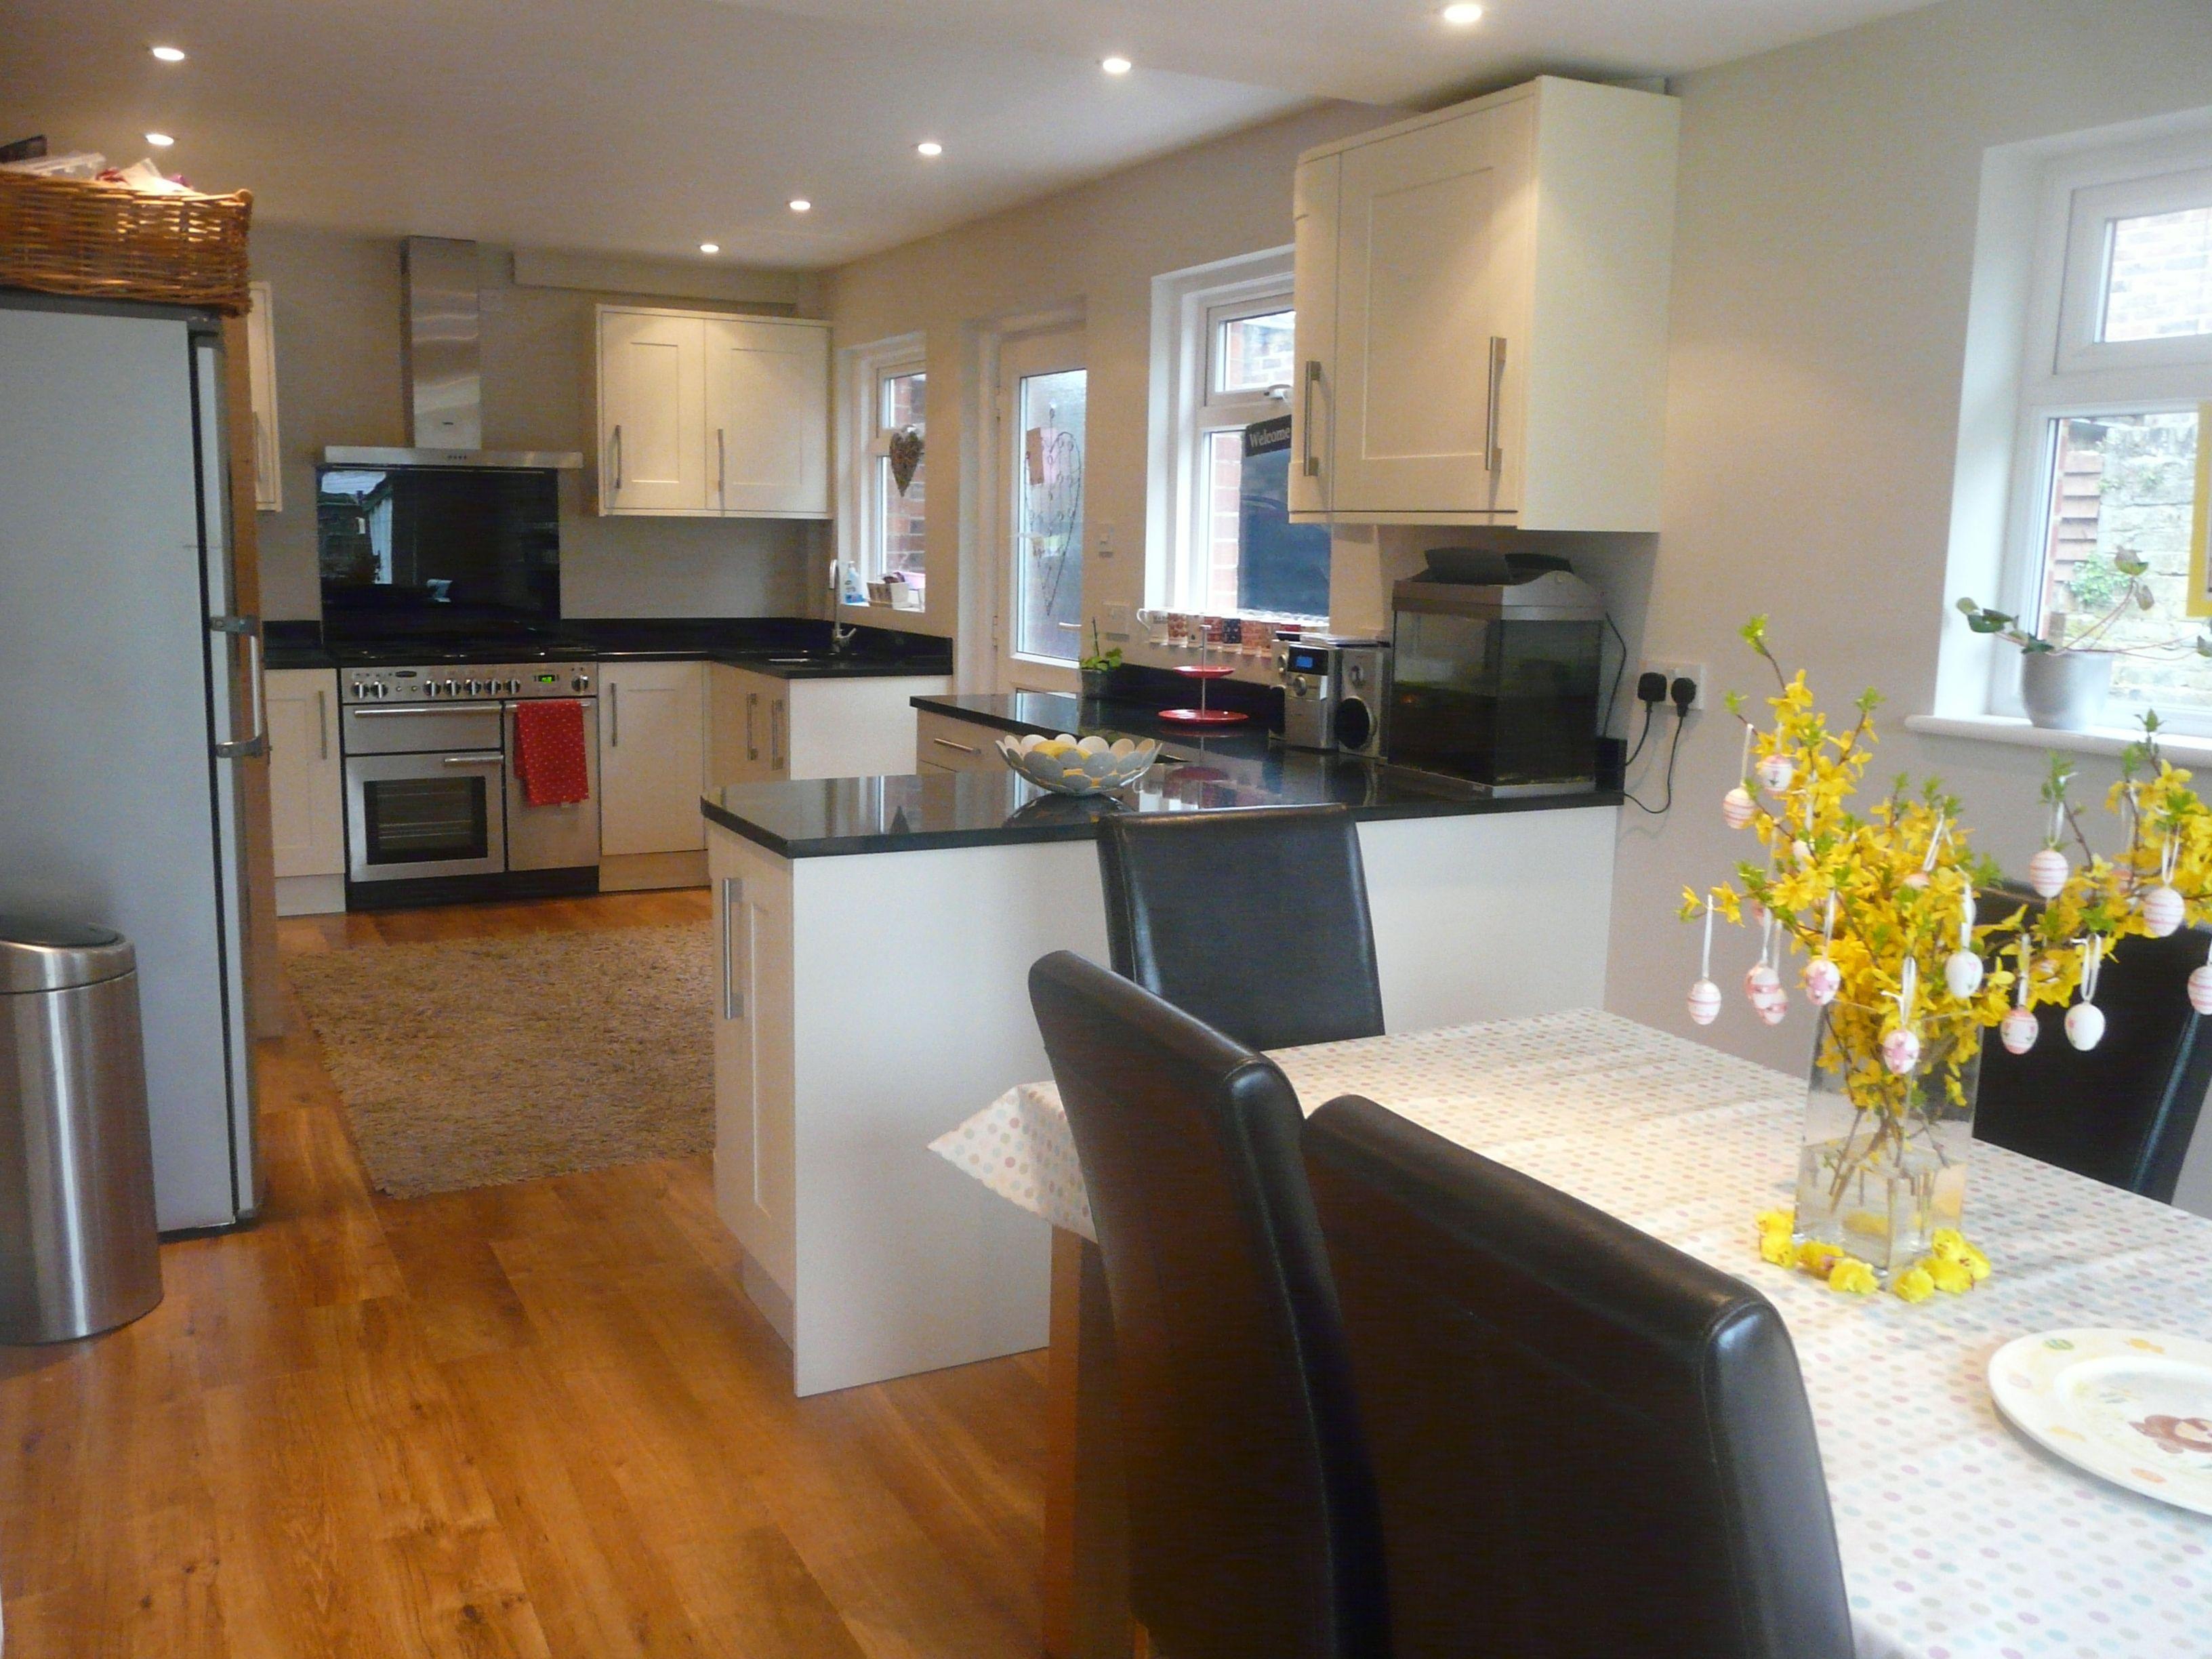 wickes kitchen, black granite, karndean flooring Kitchen